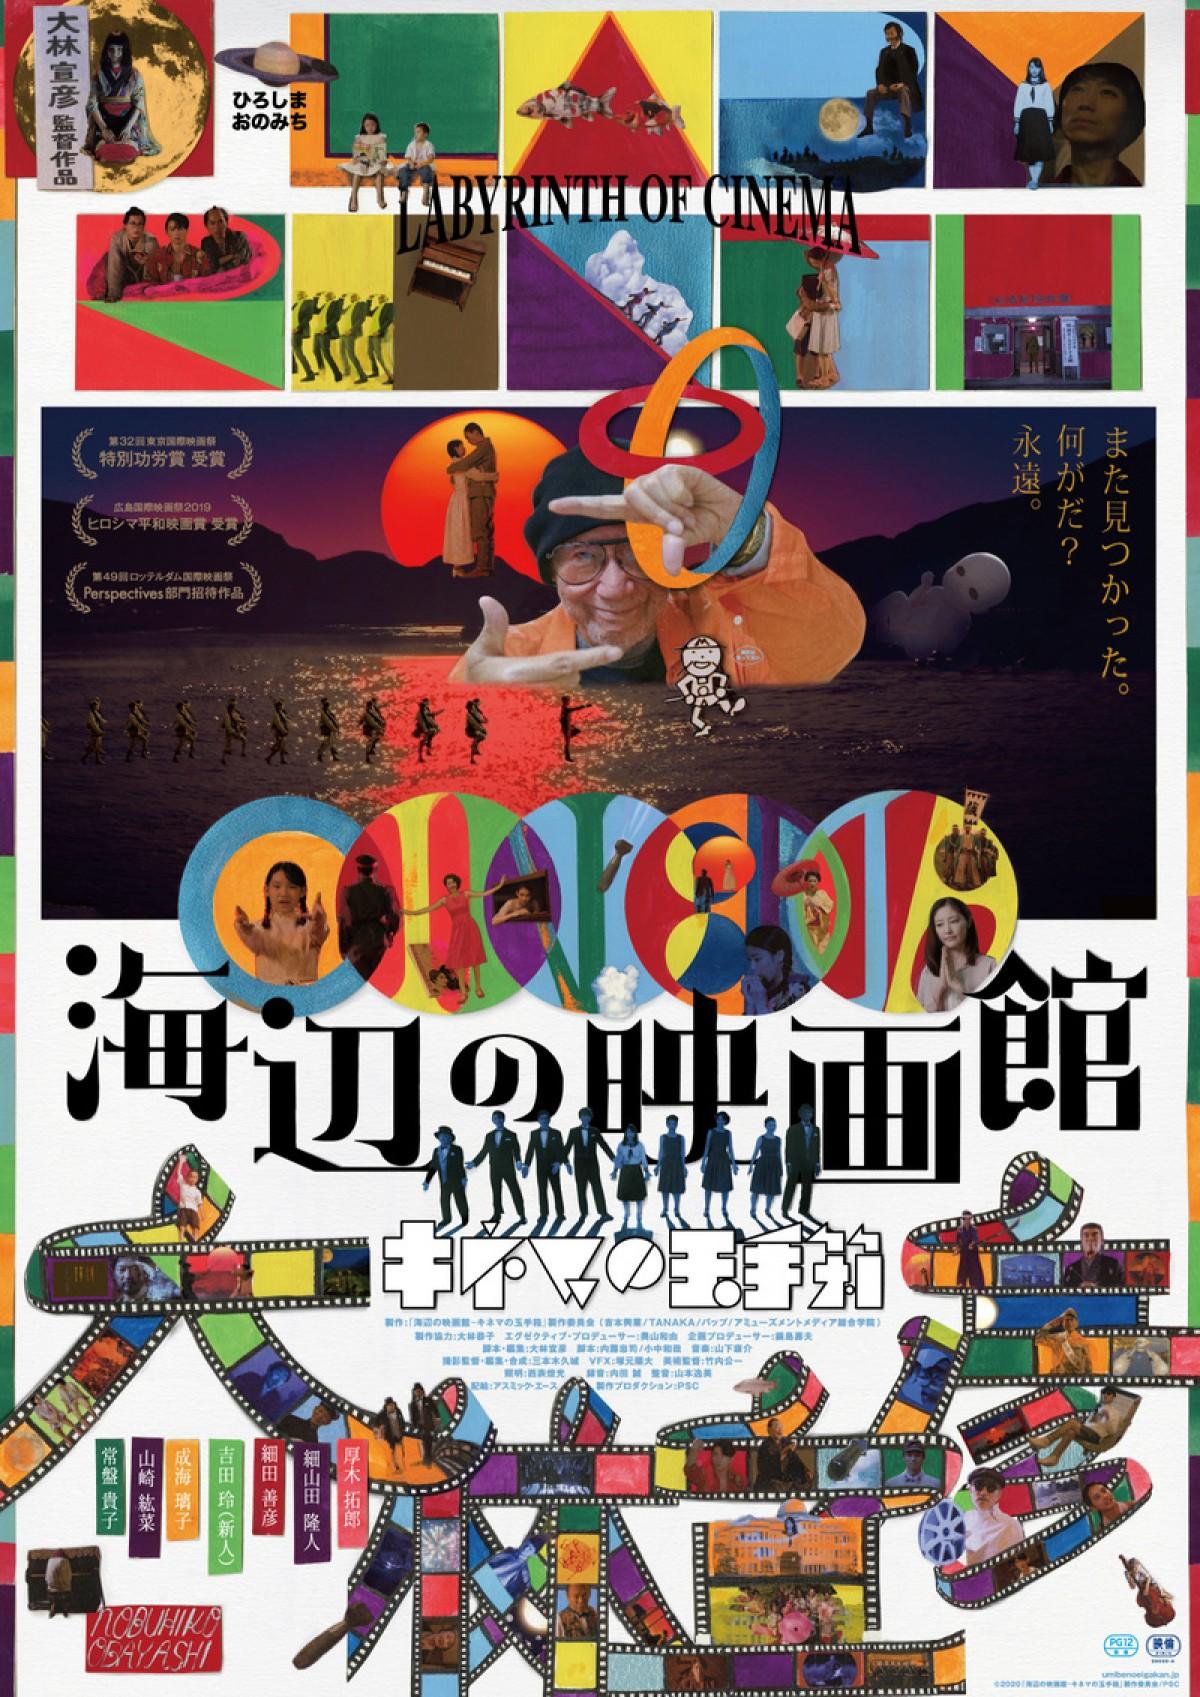 7月31日公開『海辺の映画館―キネマの玉手箱』